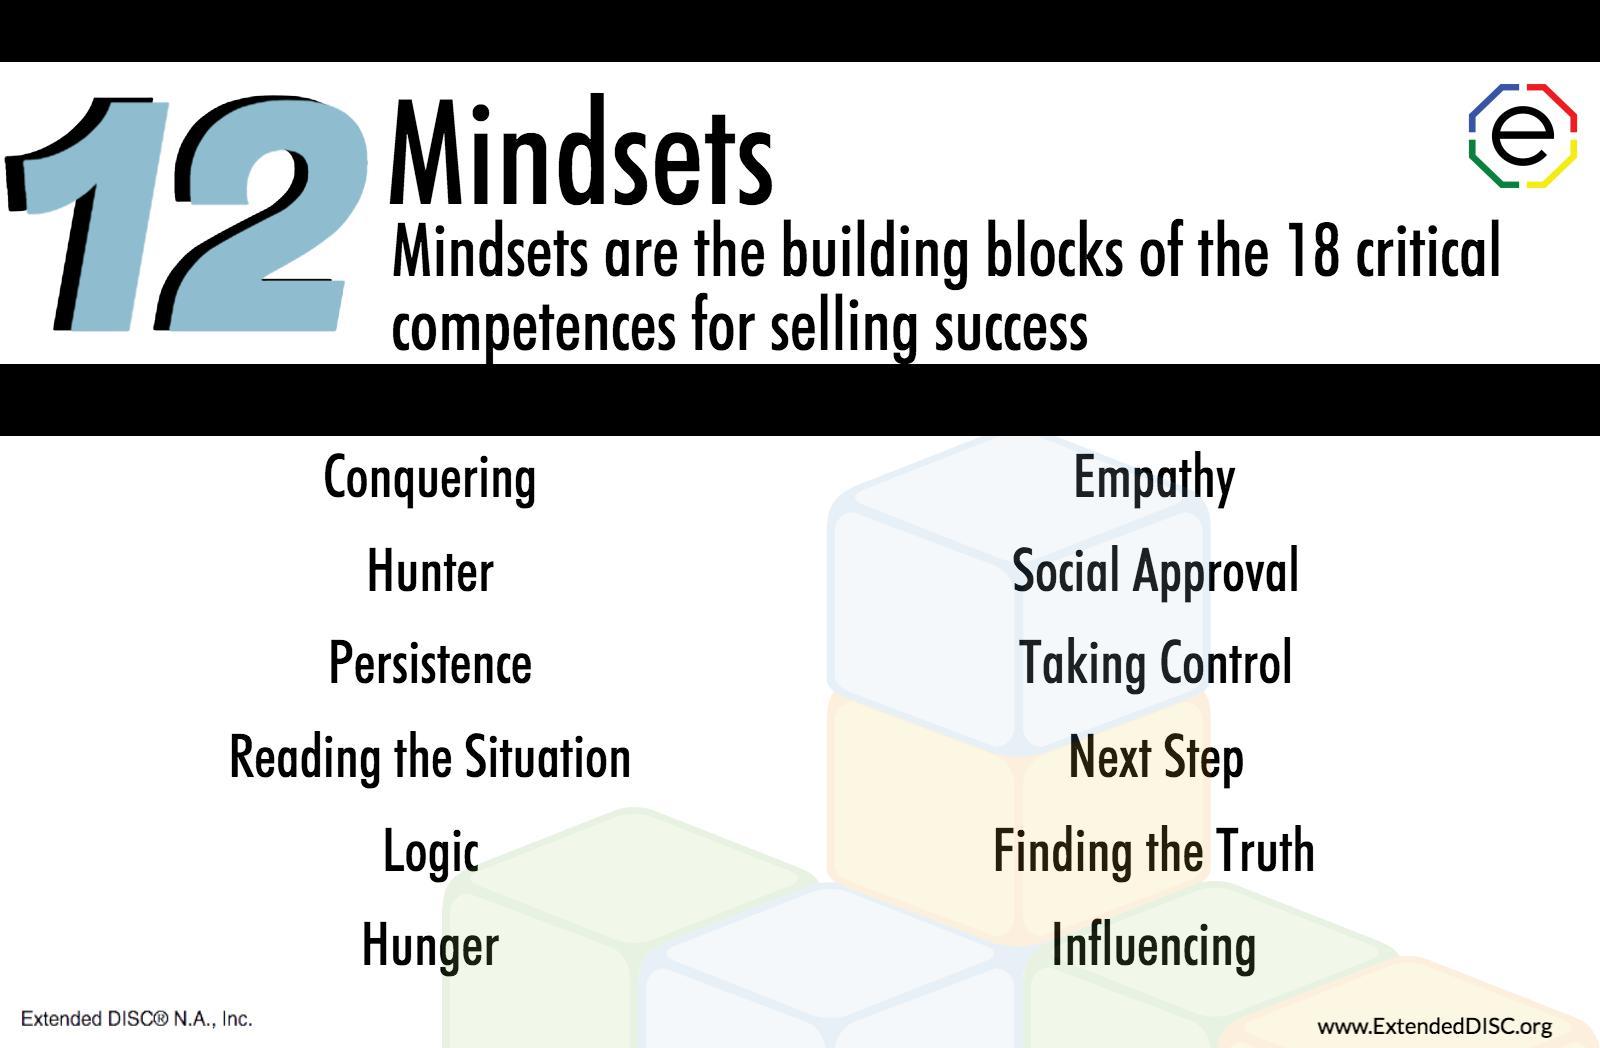 Sales Assessments 12 Mindsets